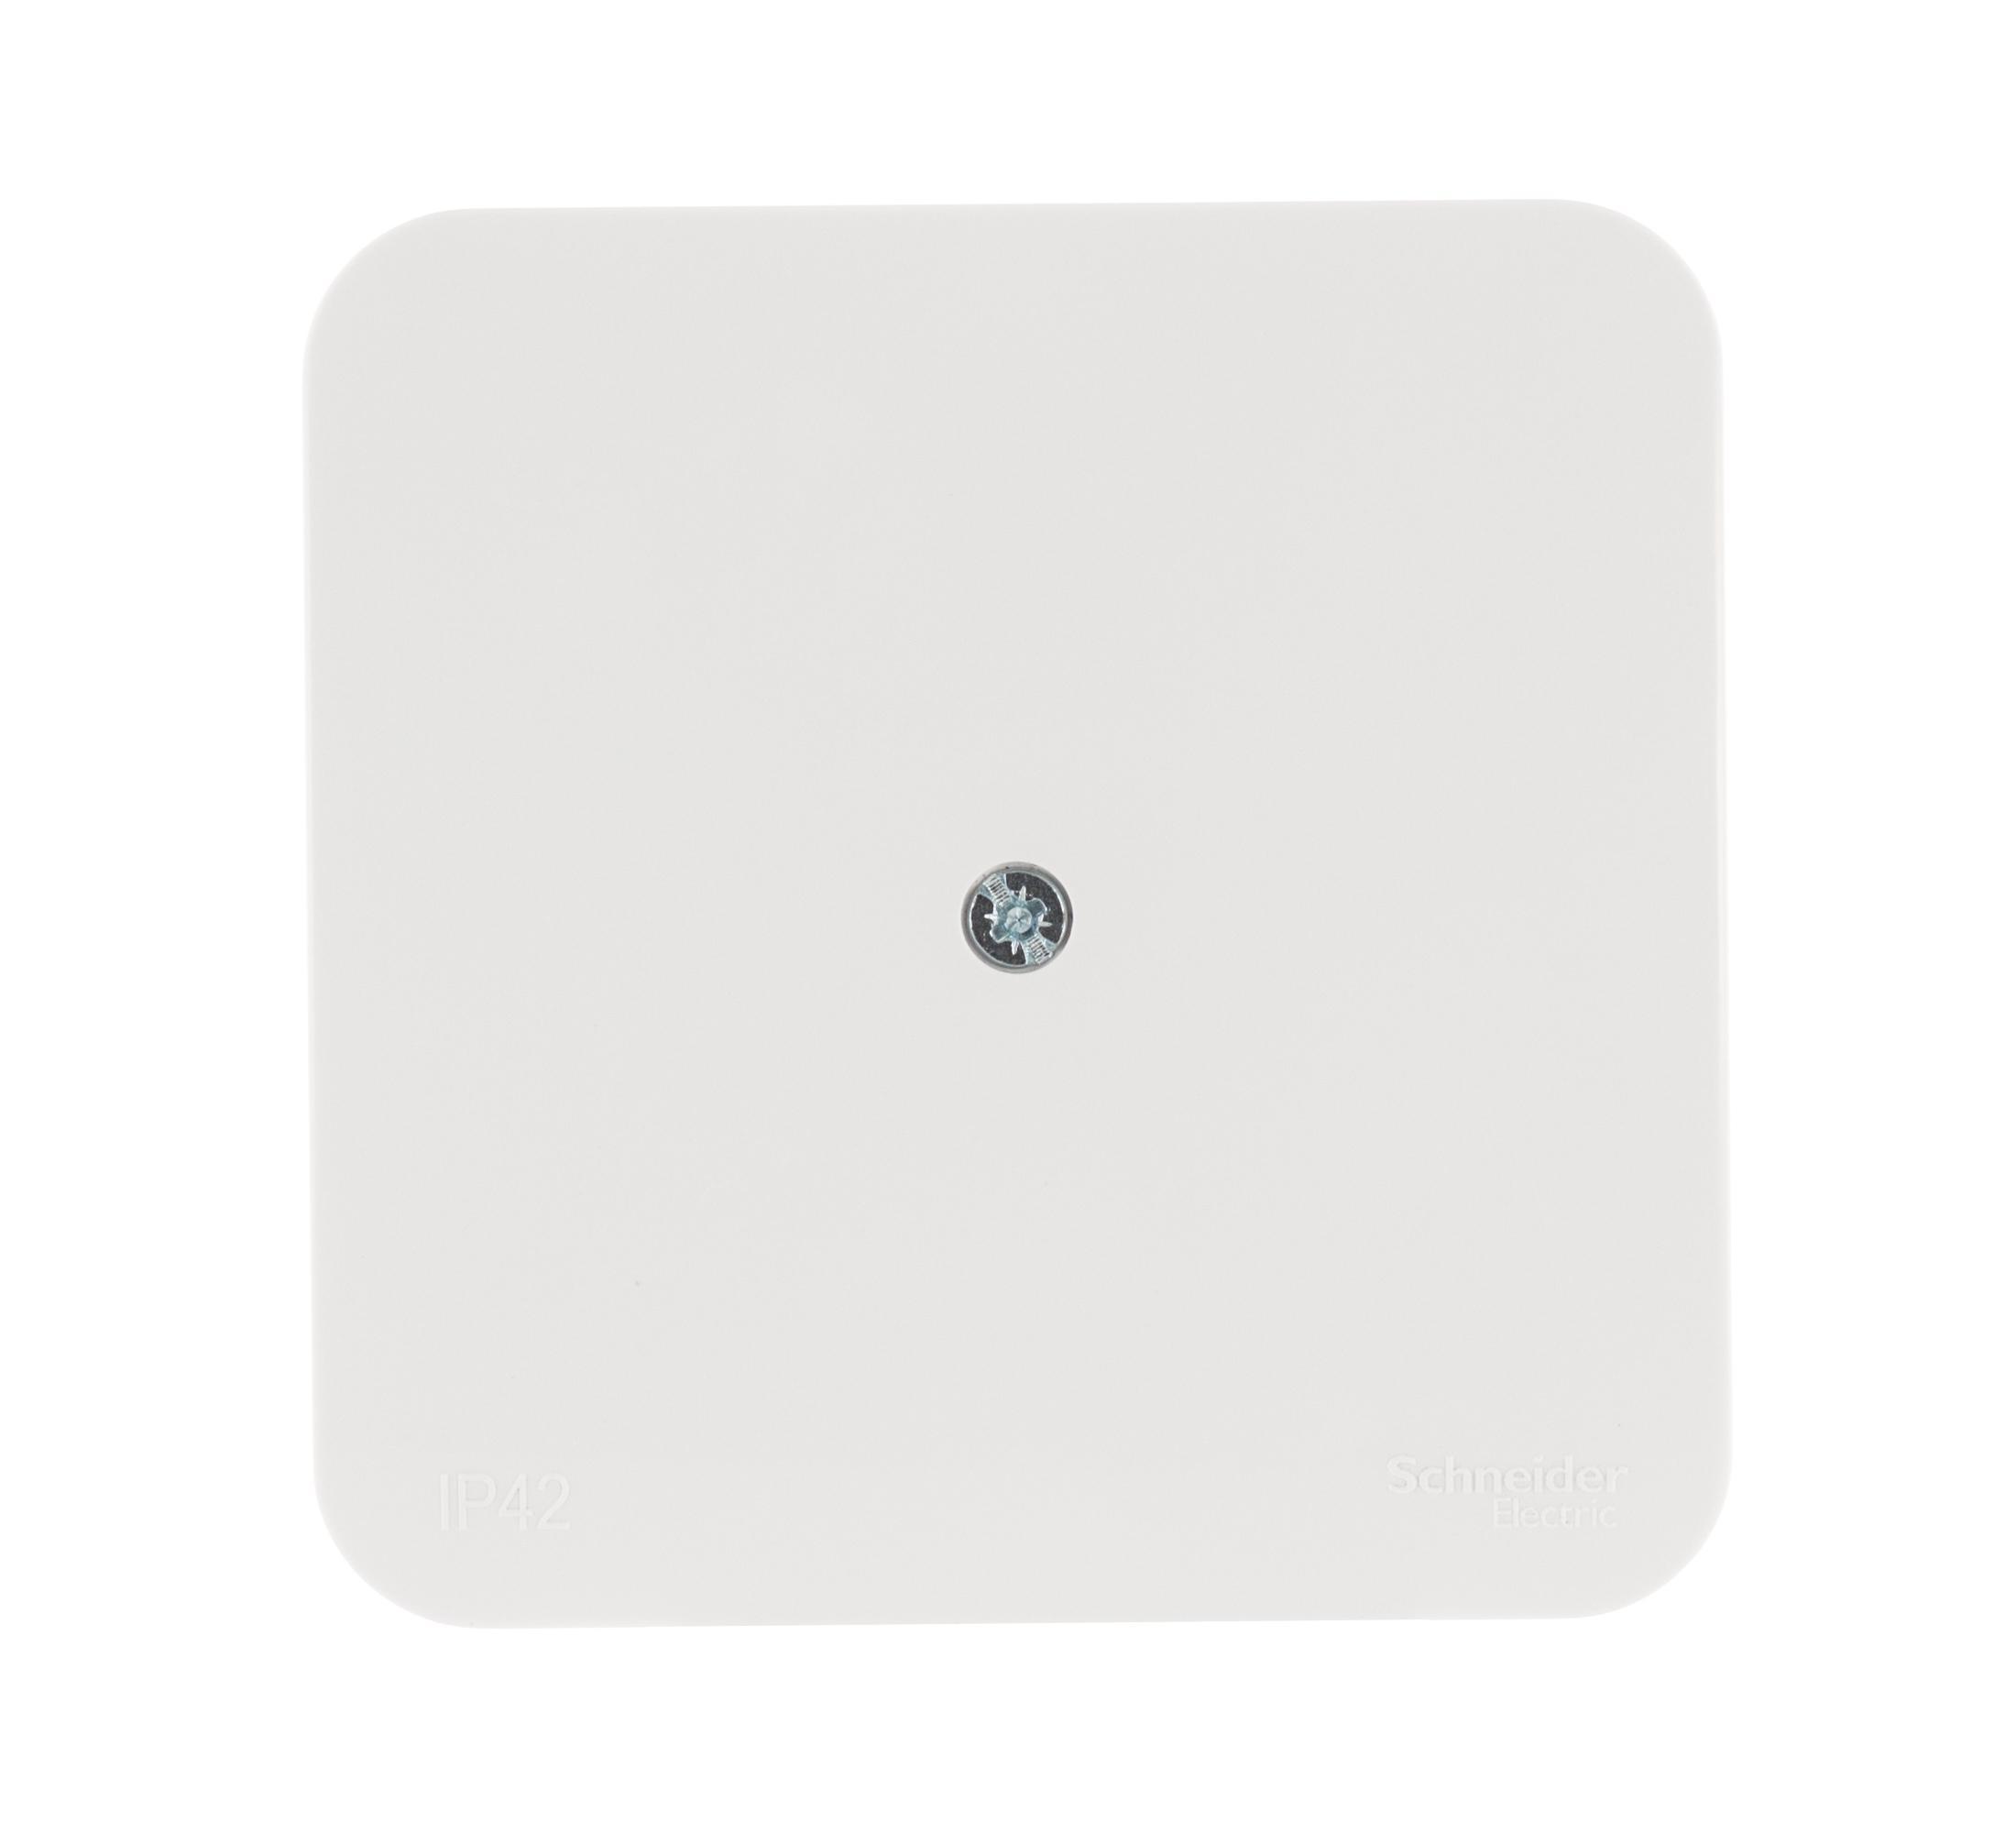 Коробка Schneider electric Blnrk000011